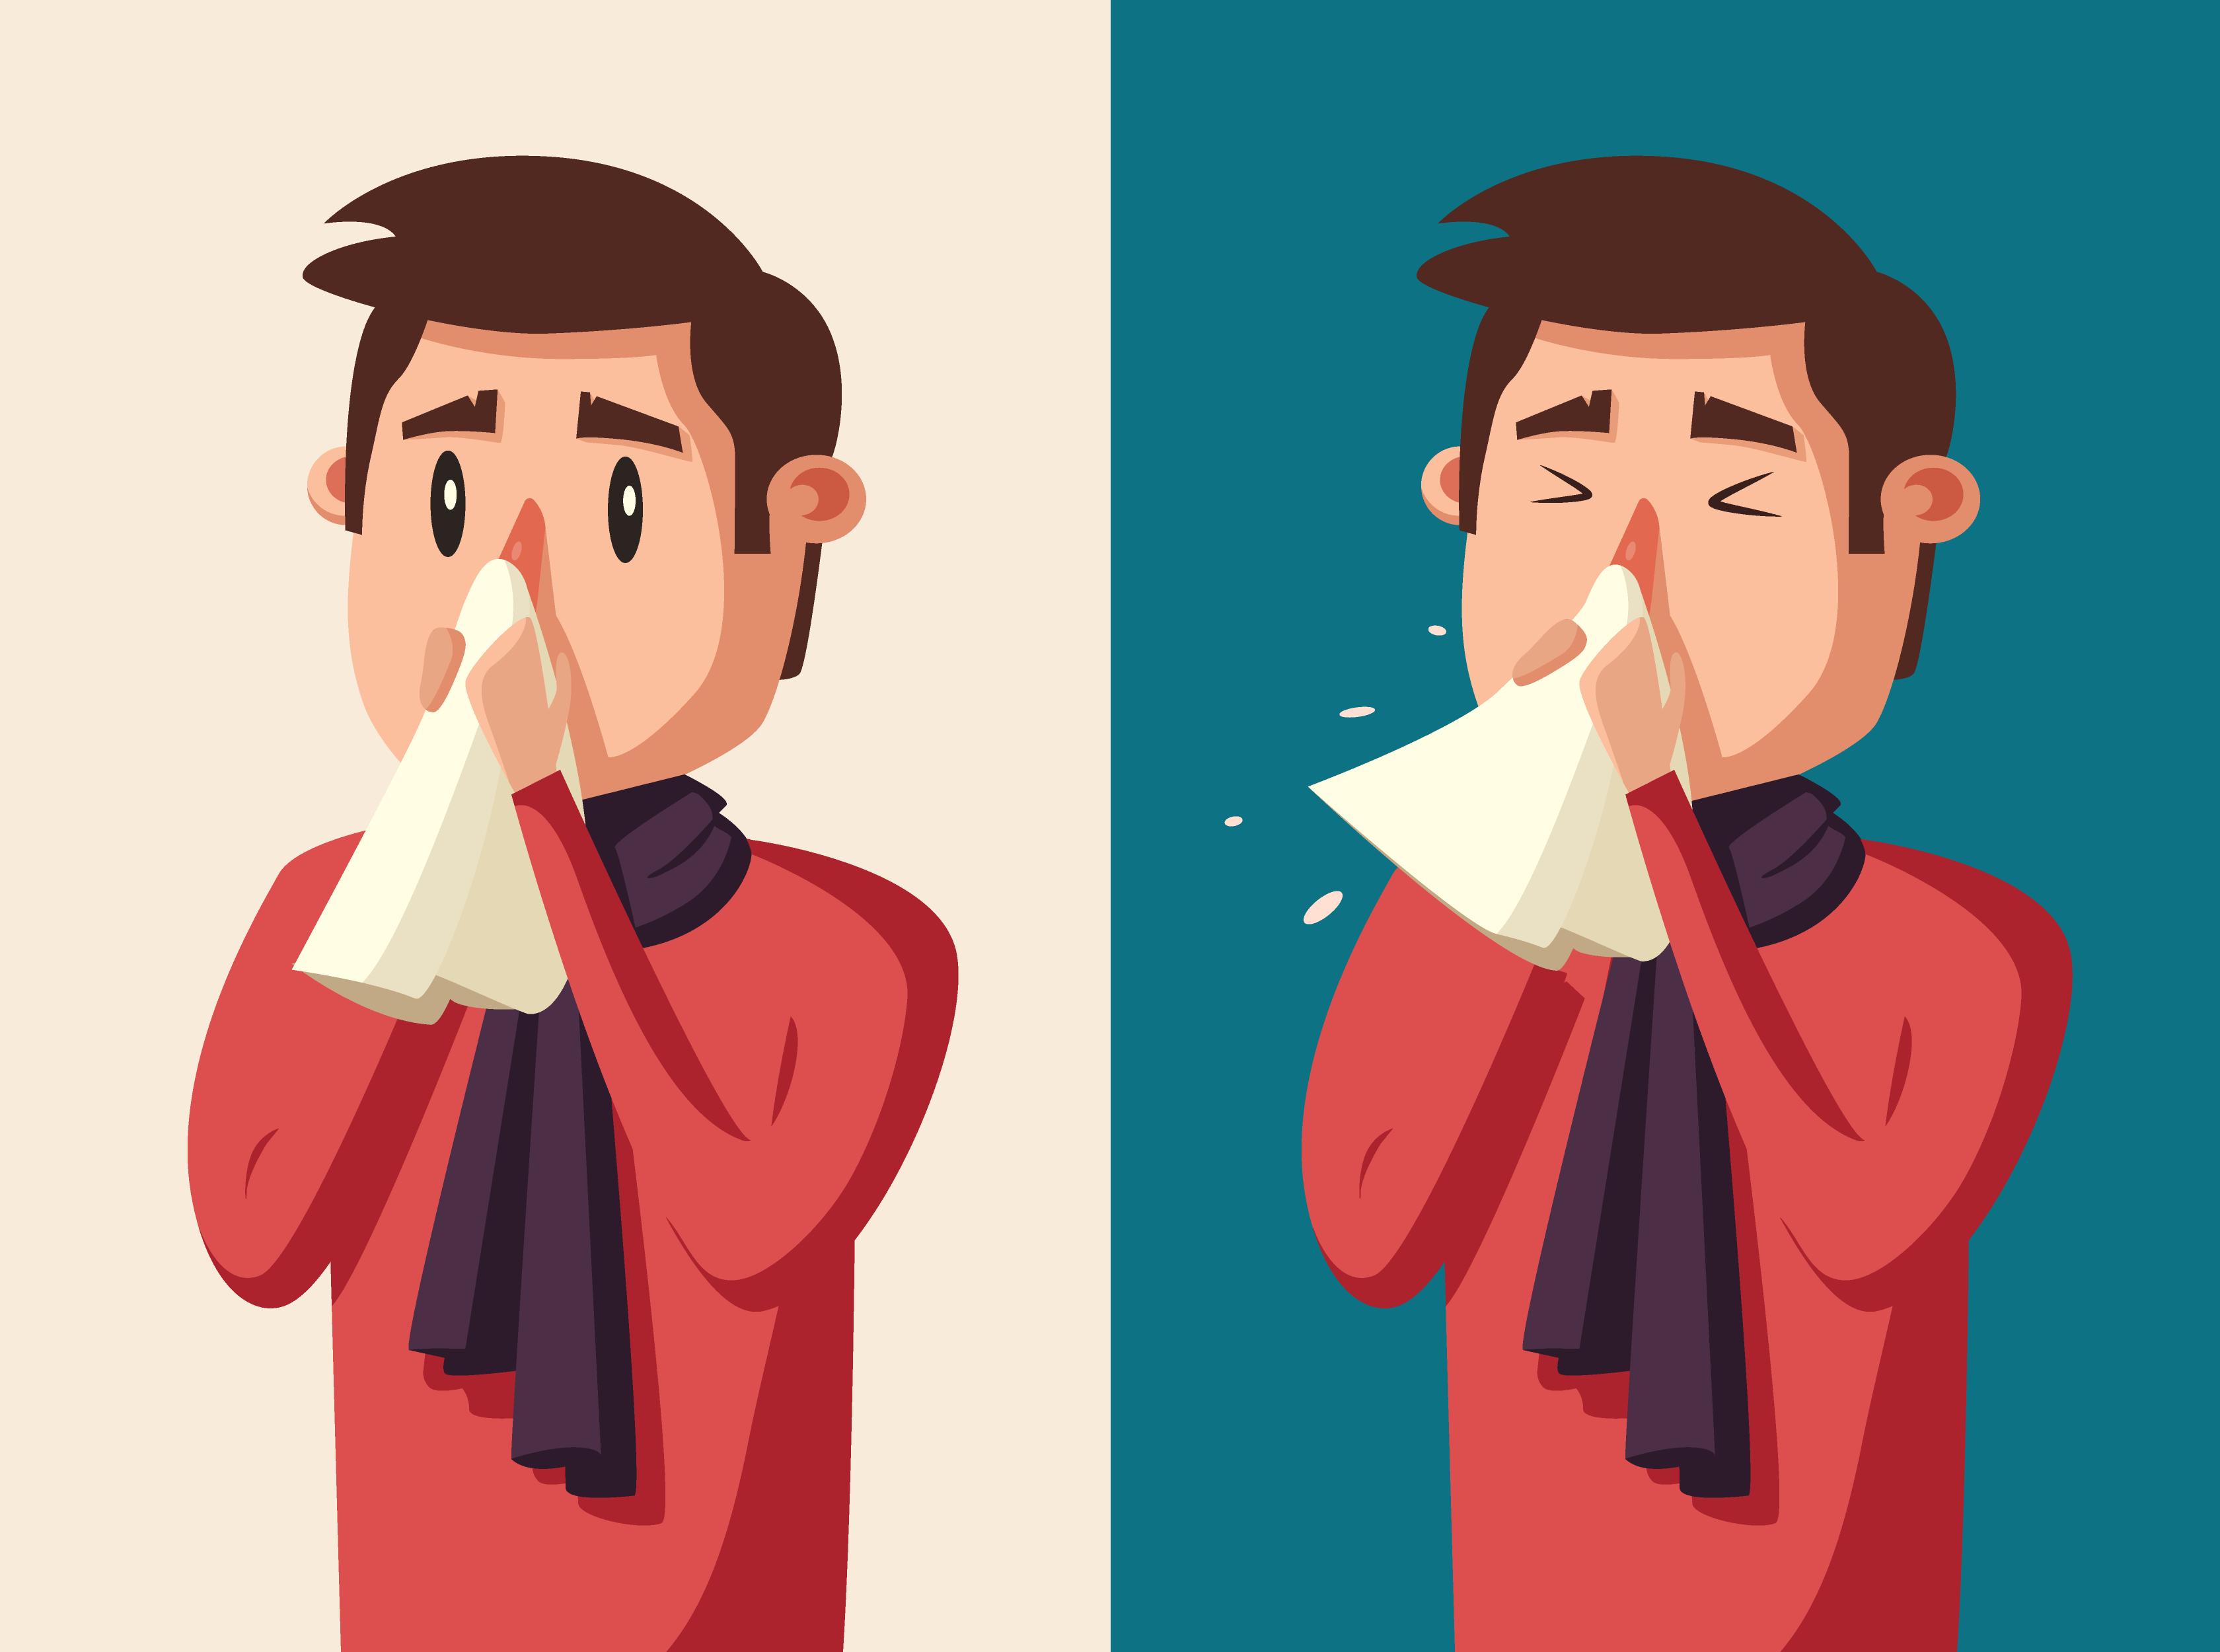 Homem com sintomas da gripe